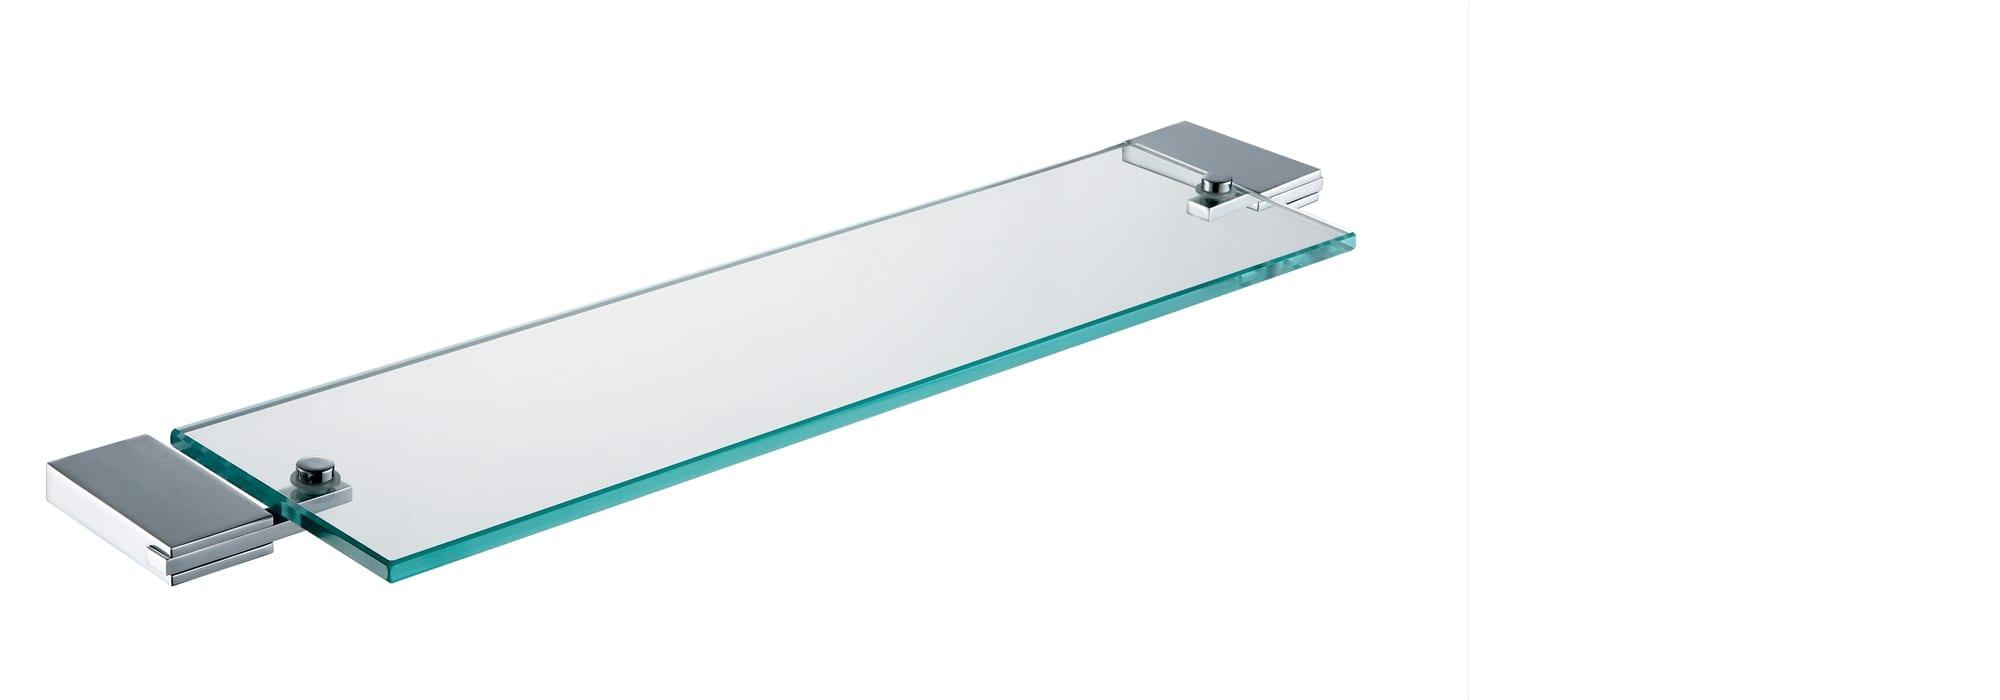 אביזר אמבטיה מדף זכוכית דגם 94007 +4 שייבוט by Milstone